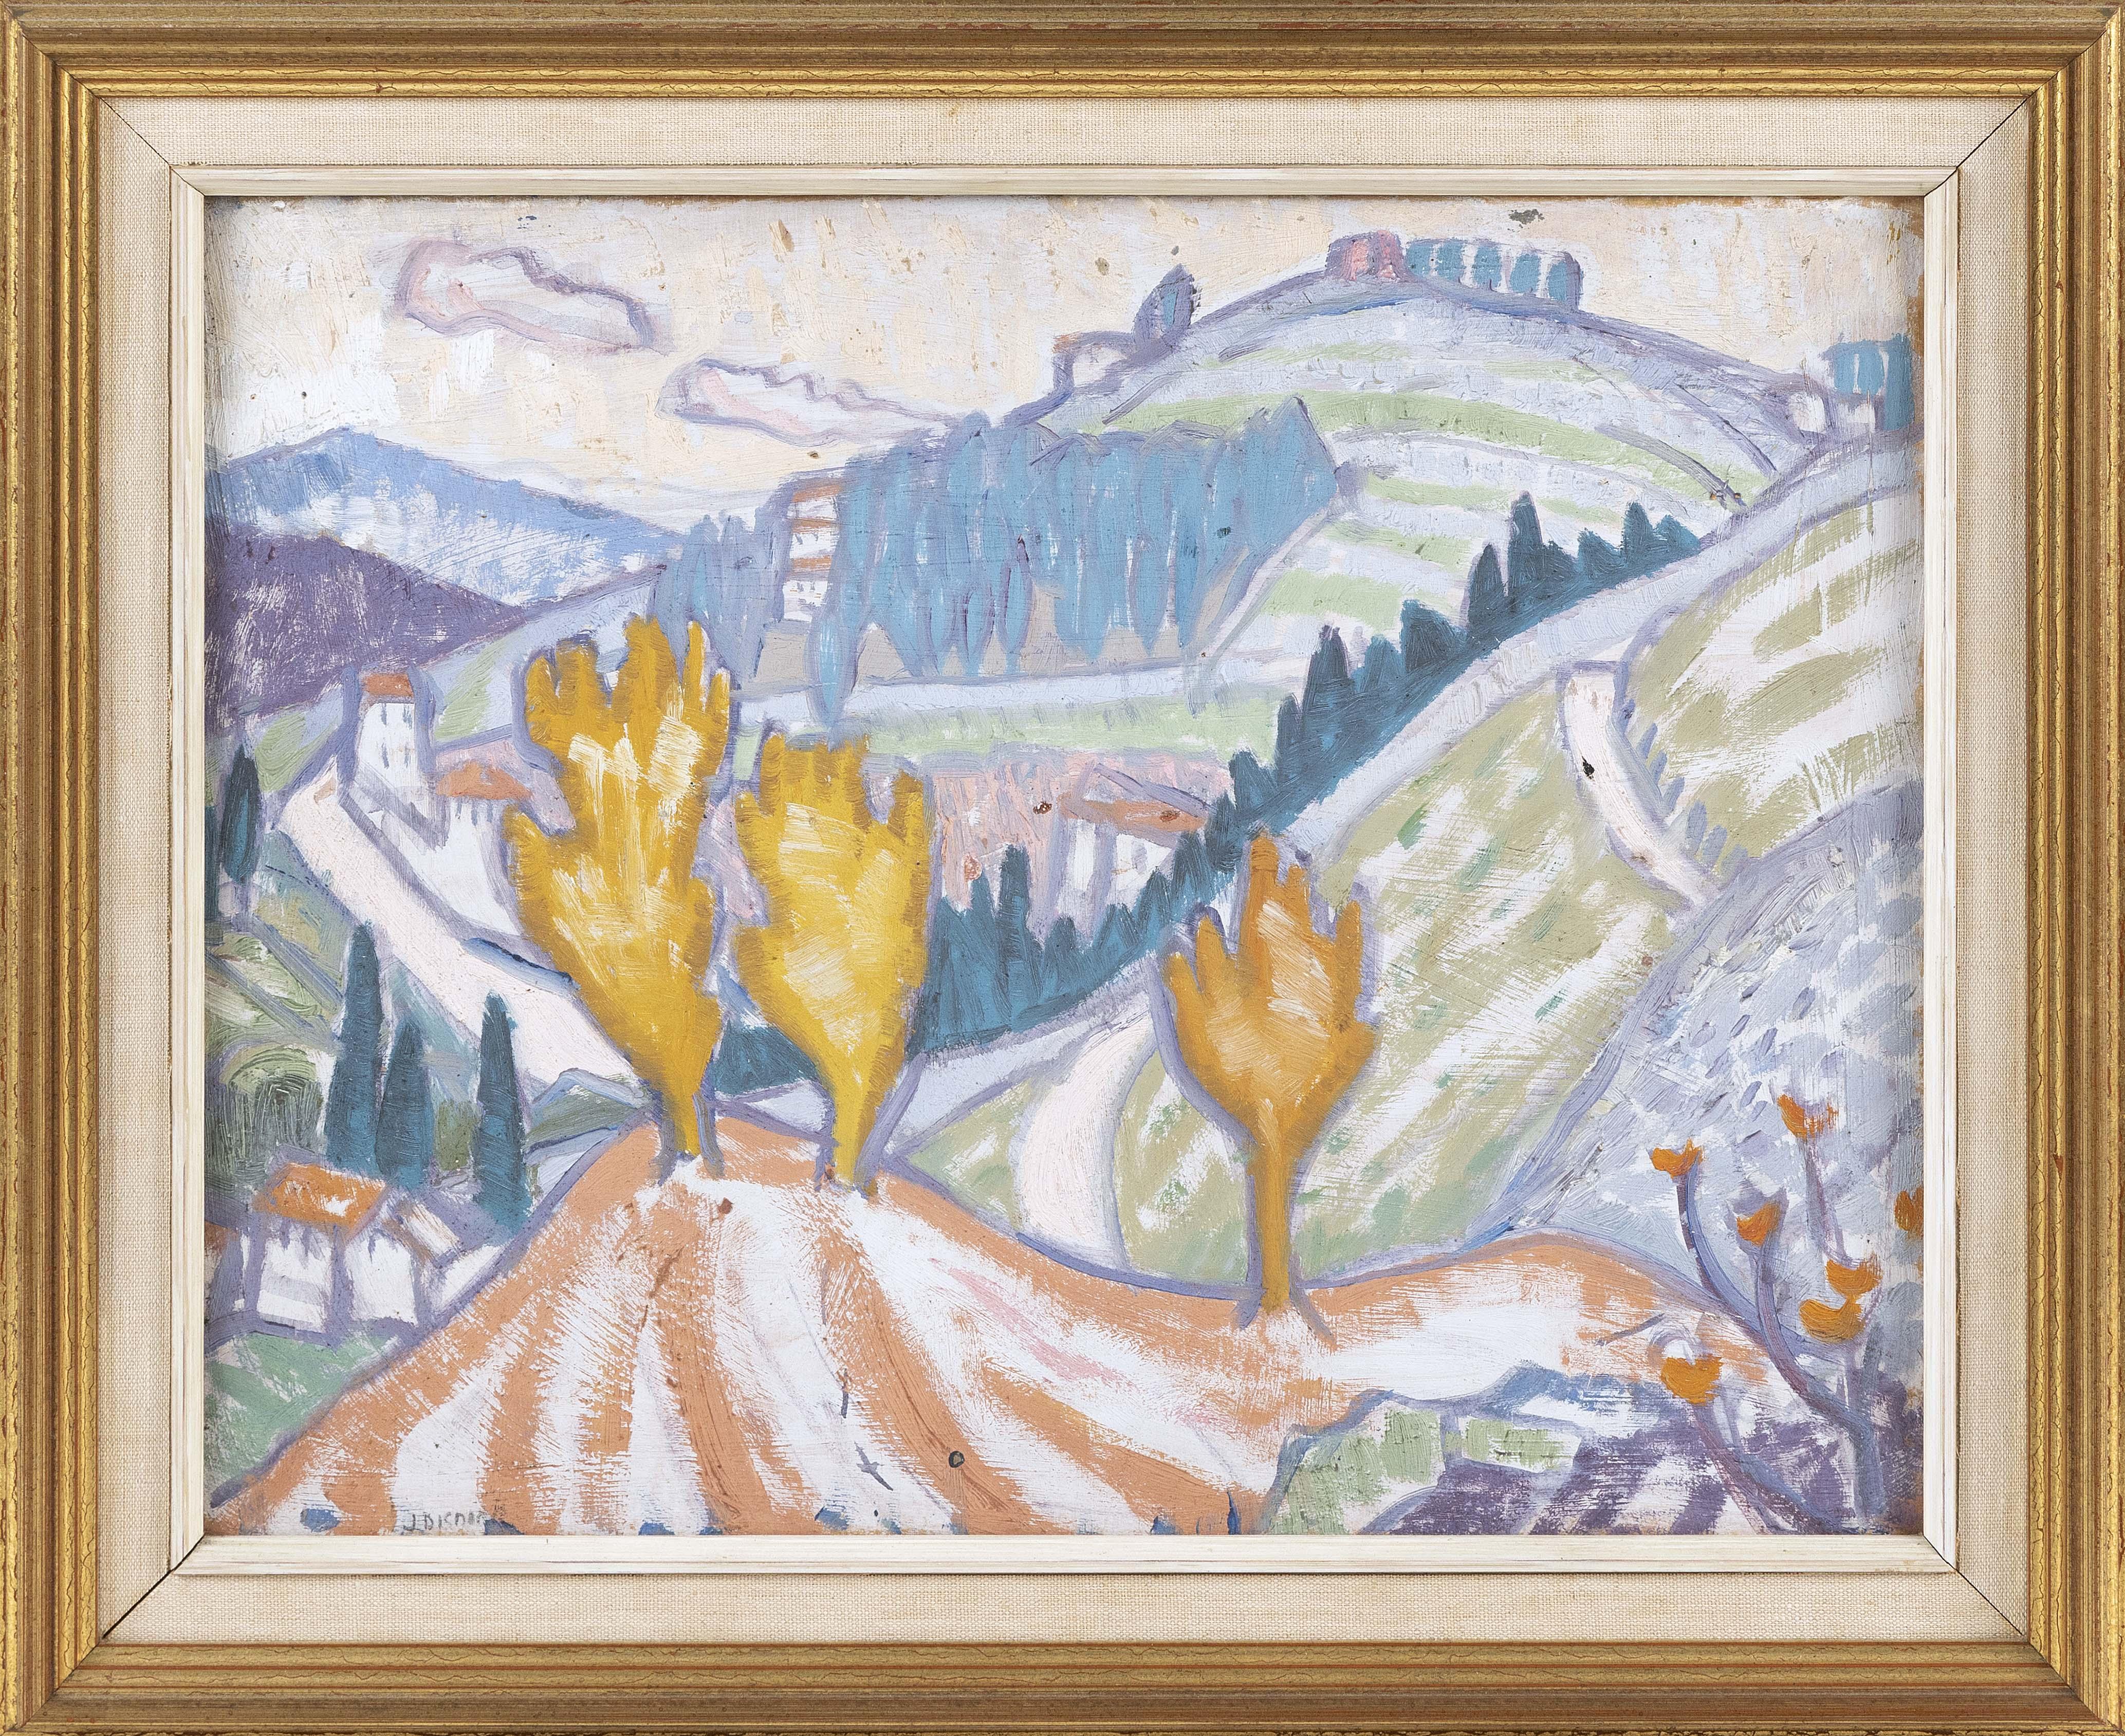 """JESSICA DISMORR (England, 1885-1939), Landscape, Oil on panel. 12.5"""" x16"""". Framed, 16.25"""" x 19.5"""""""